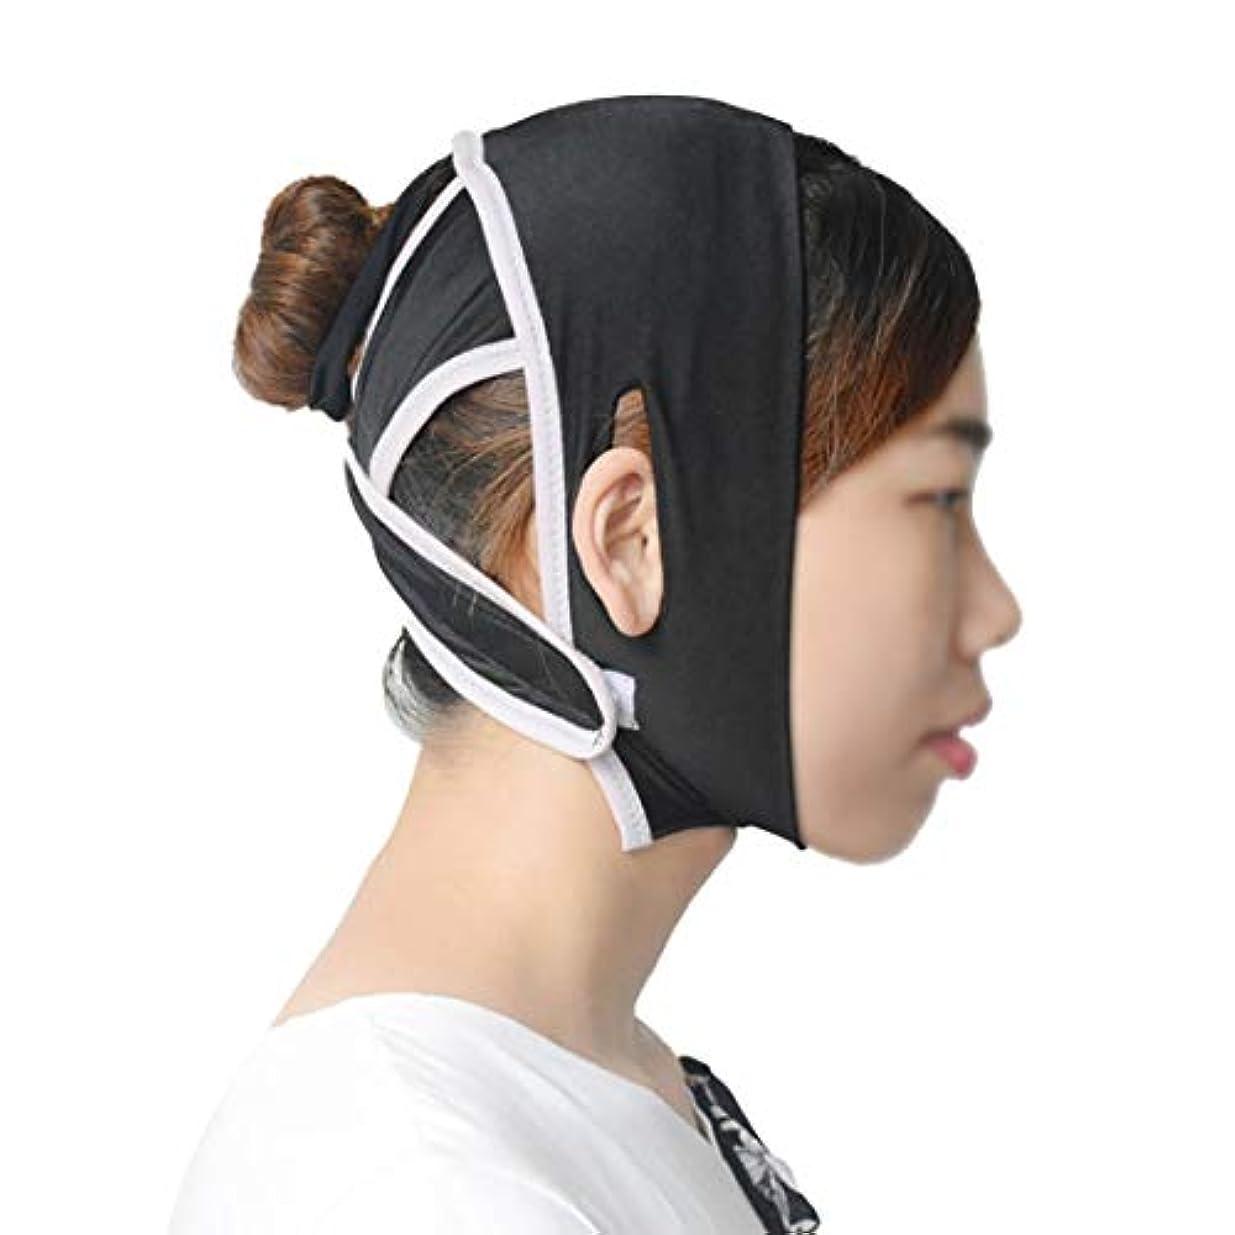 土器電気技師脱臼するGLJJQMY ファーミングマスクシンフェイスマスクシンフェイスフェイシャルフェイススモールVフェイスフェイシャルフェイス包帯シンフェイスシンフェイスゴッドスリープフェイス 顔用整形マスク